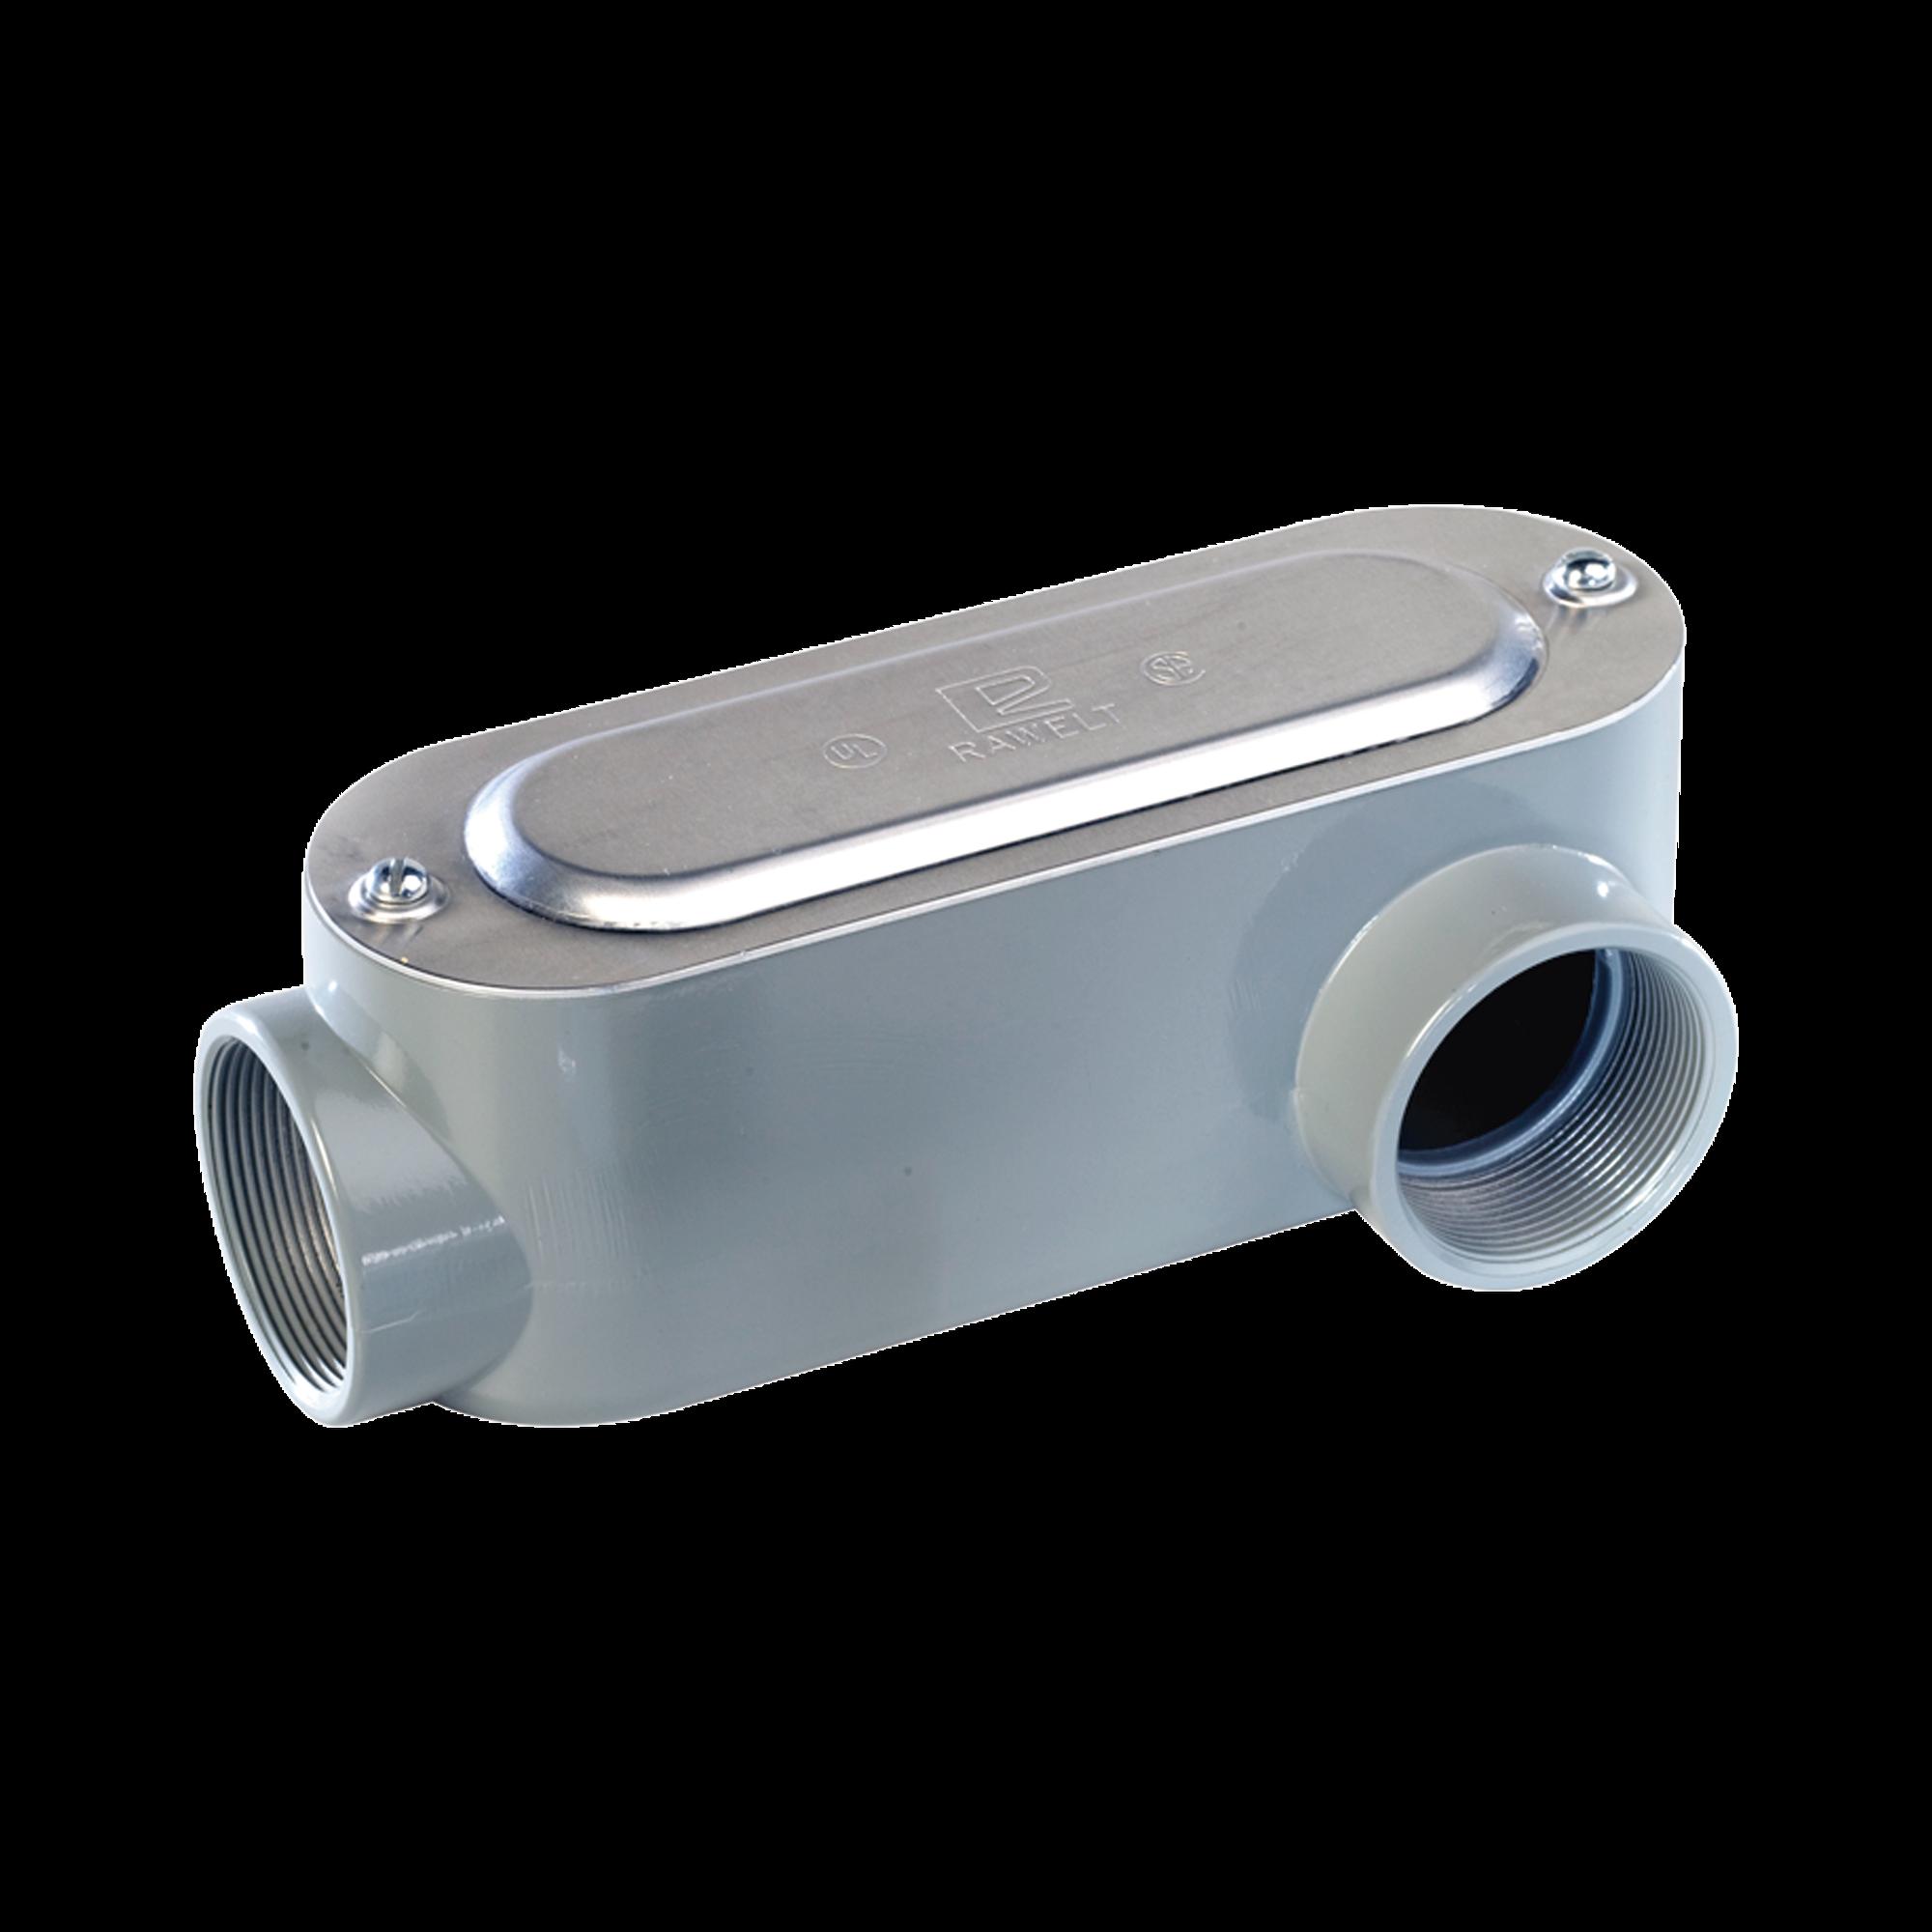 Caja Condulet tipo LL de 3/4 (19.05 mm) Incluye tapa y tornillos.